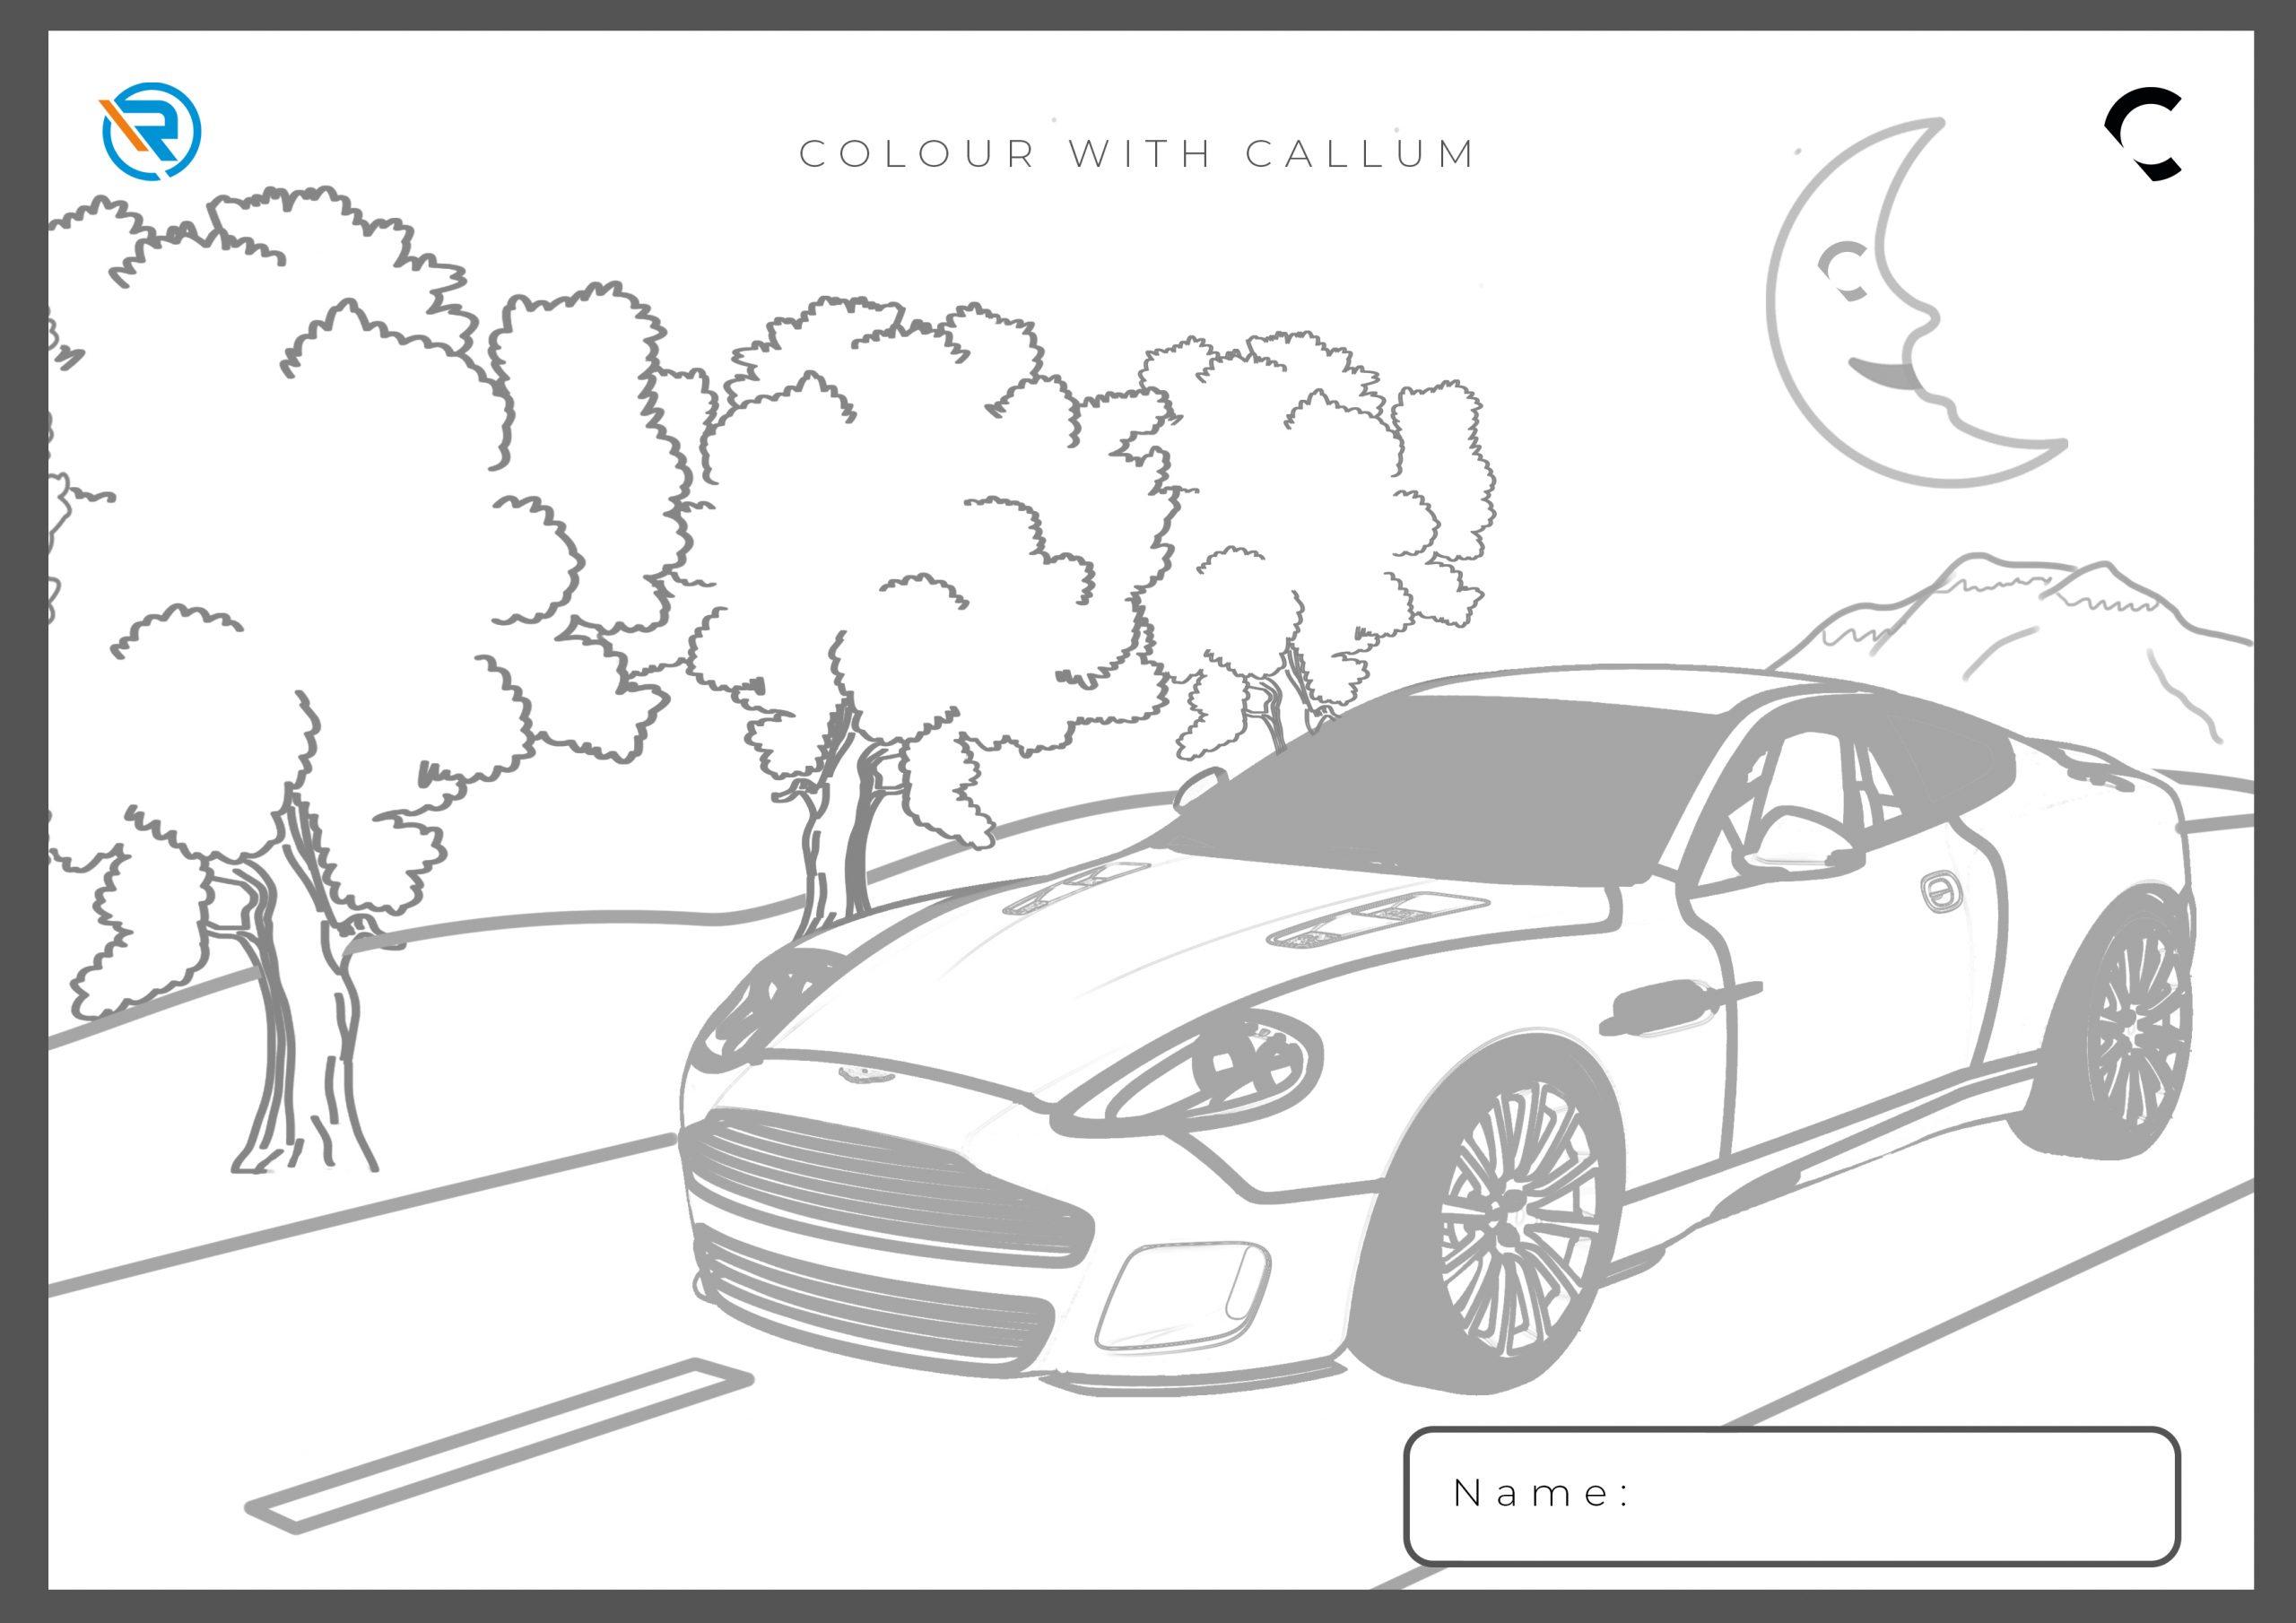 Colour-with-CALLUM-2